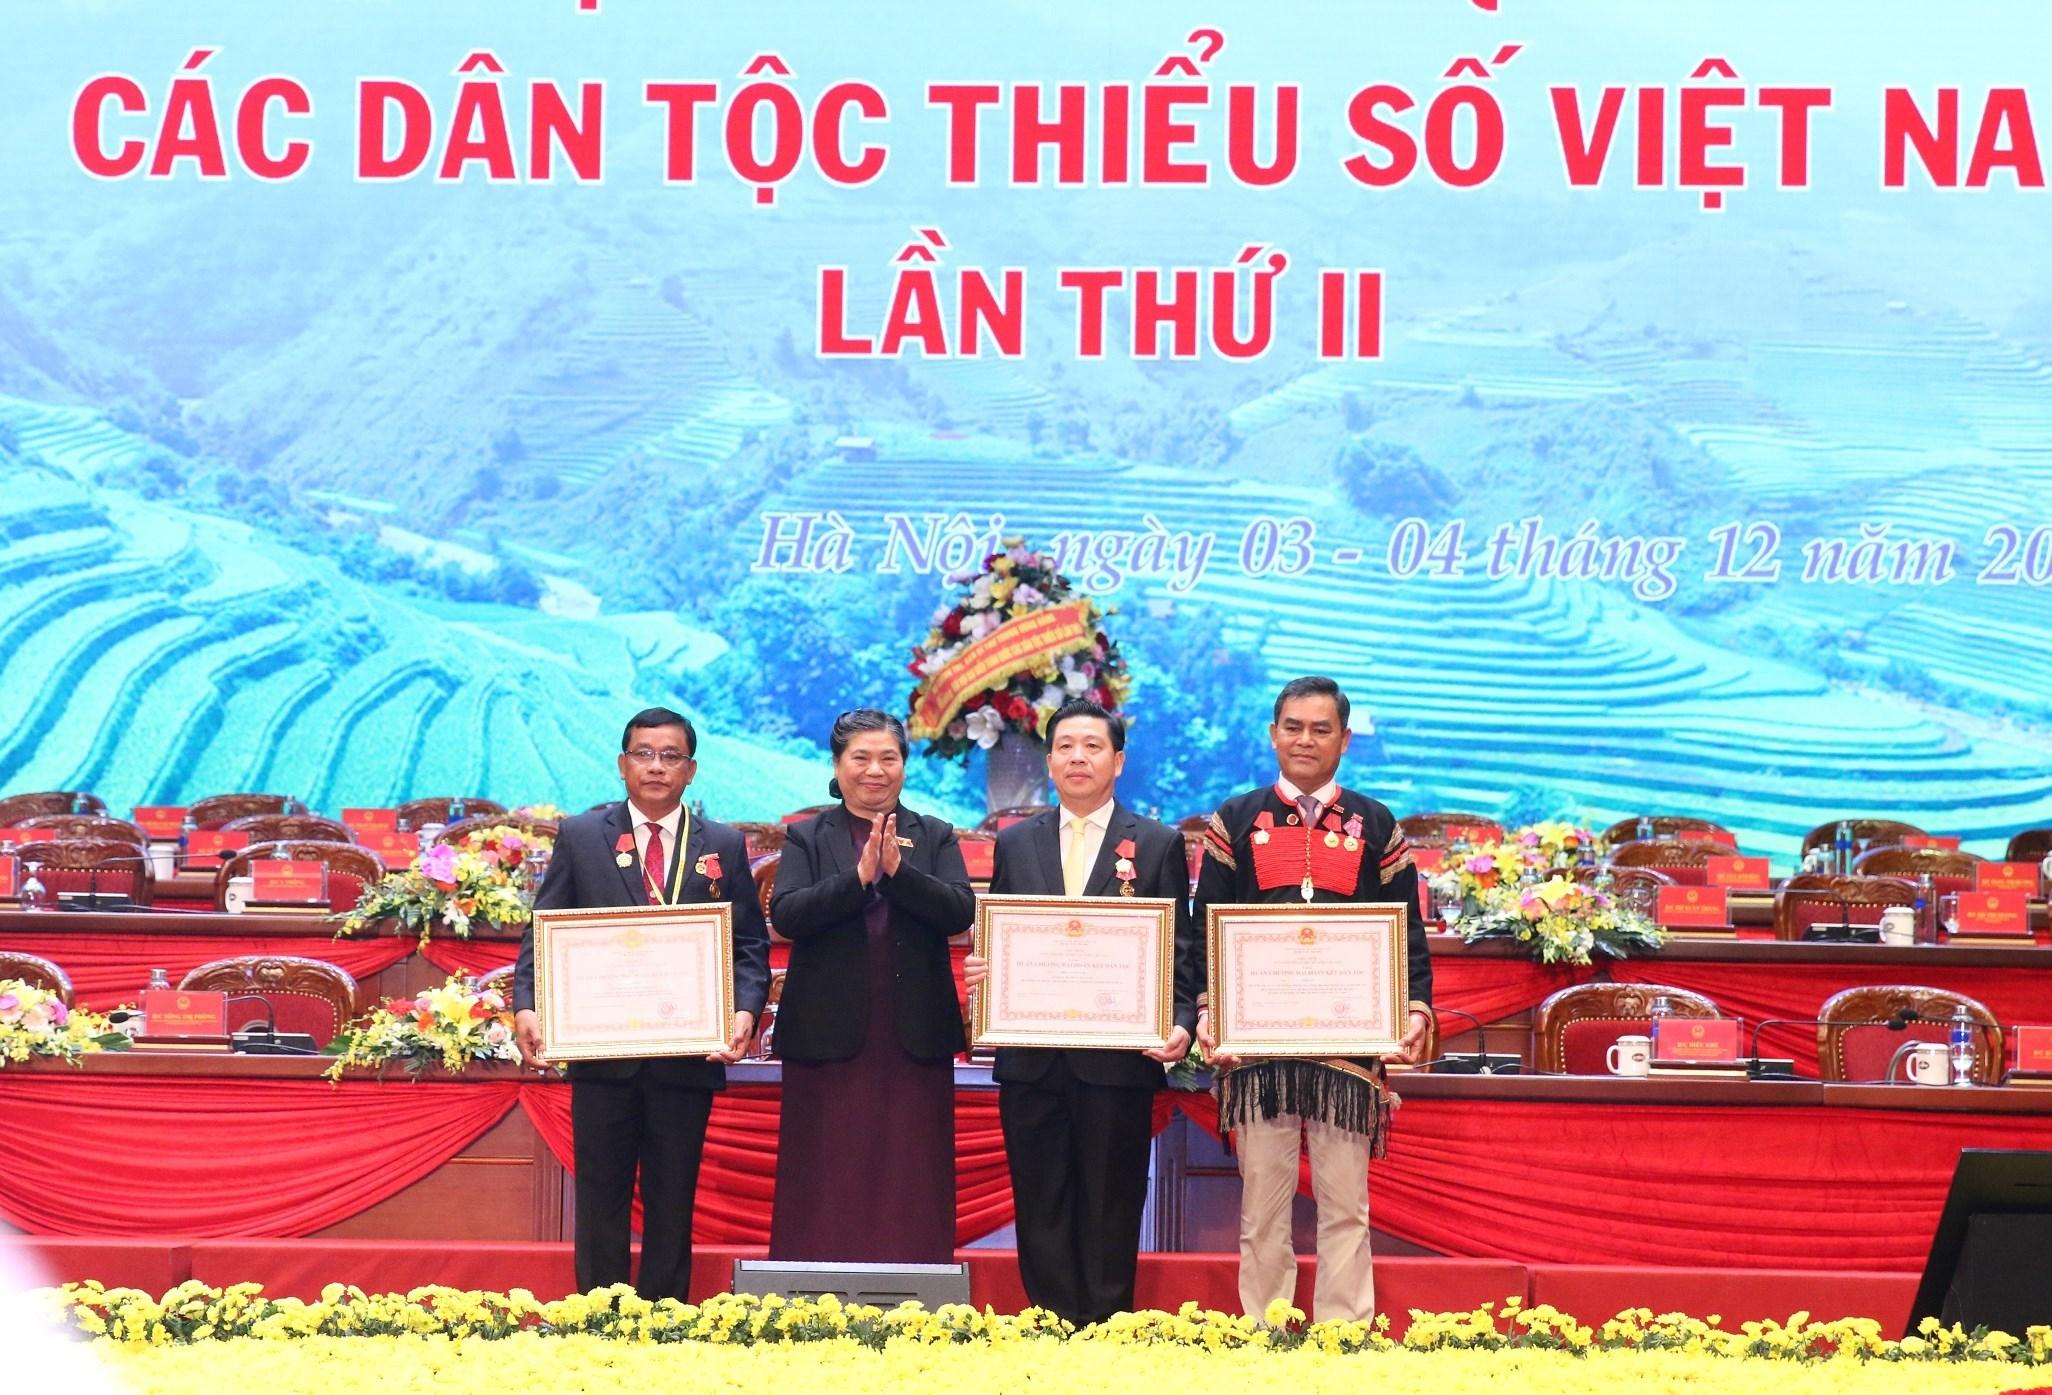 Phó Chủ tịch Thường trực Quốc hội Tòng Thị Phóng trao tặng Huân chương Đại đoàn kết dân tộc cho 3 cá nhân tiêu biểu.